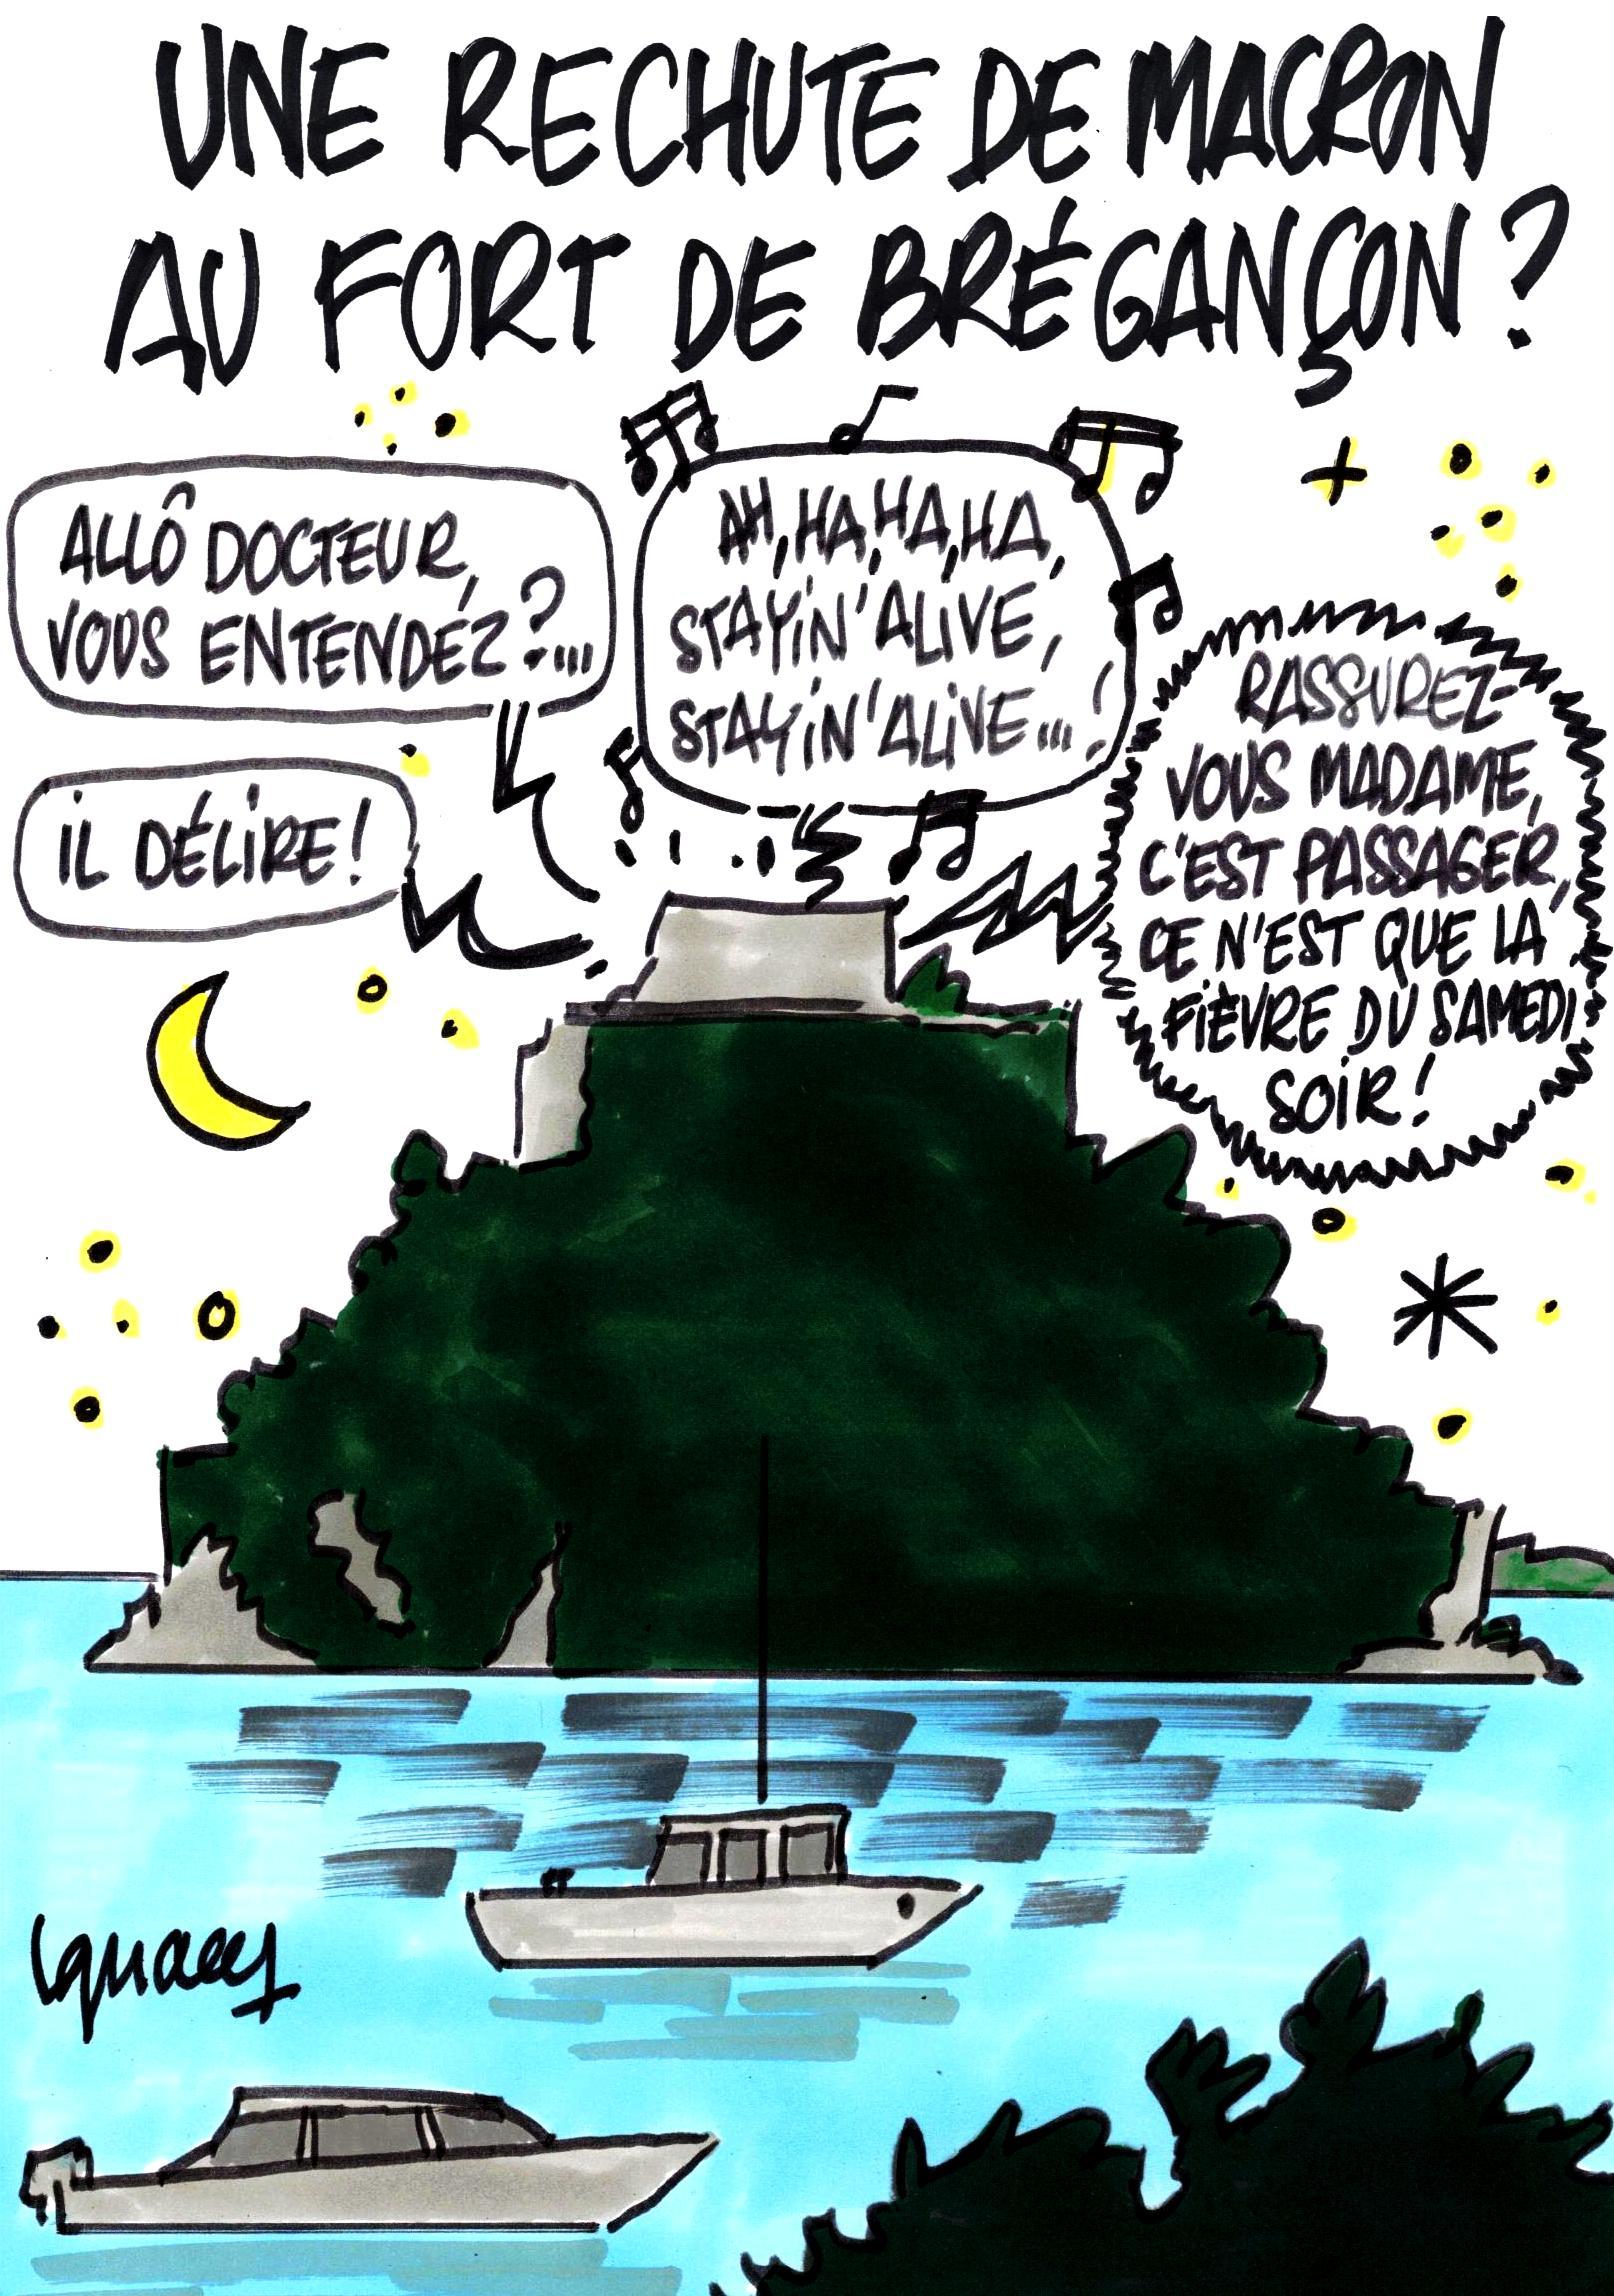 Ignace - Une rechute de Macron au Fort de Brégançon ?